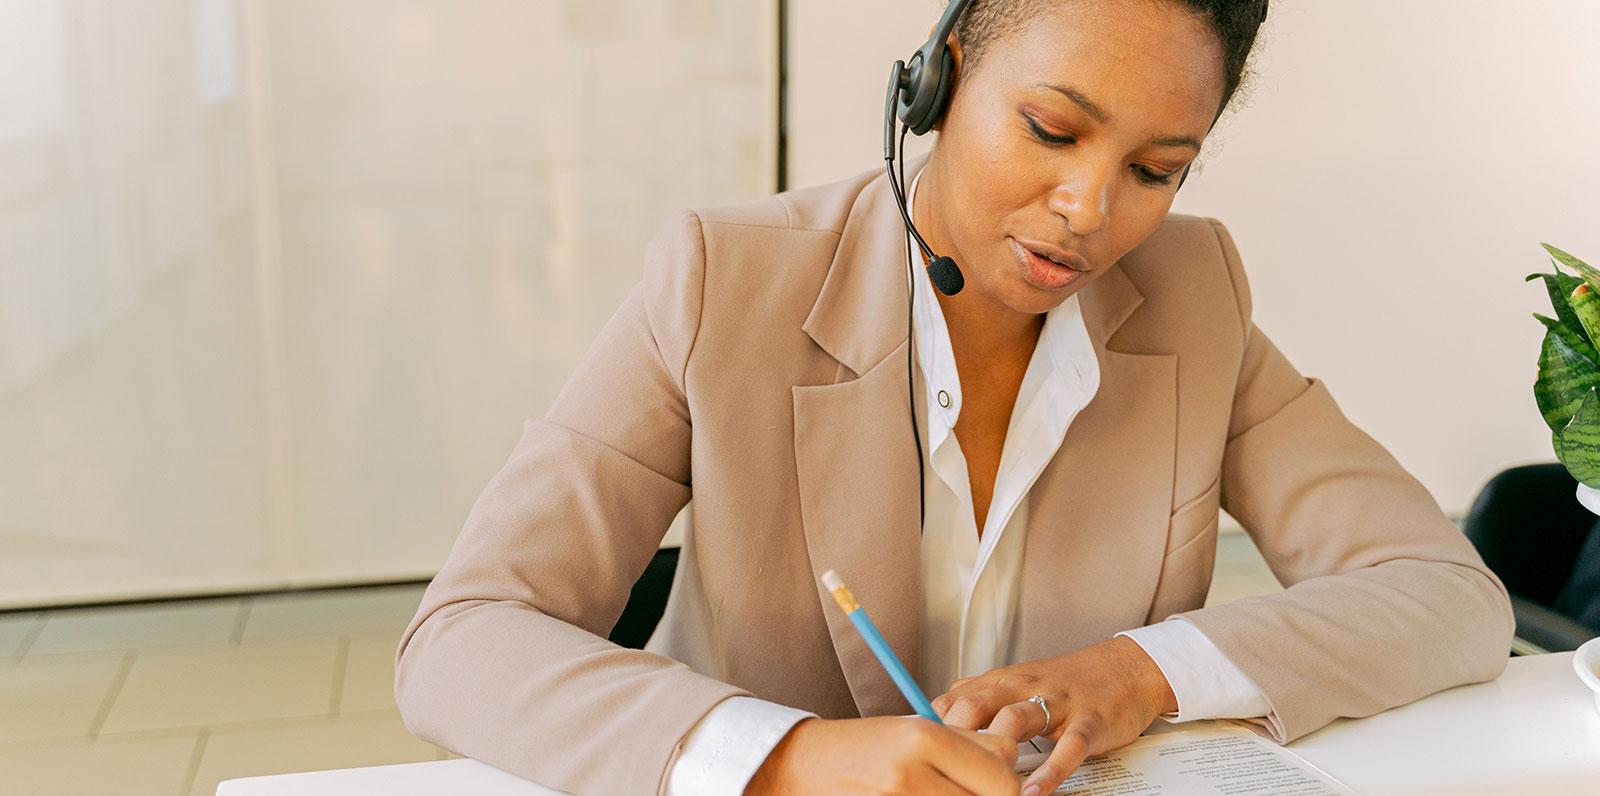 Referansesjekk ved ansettelse og jobbintervju